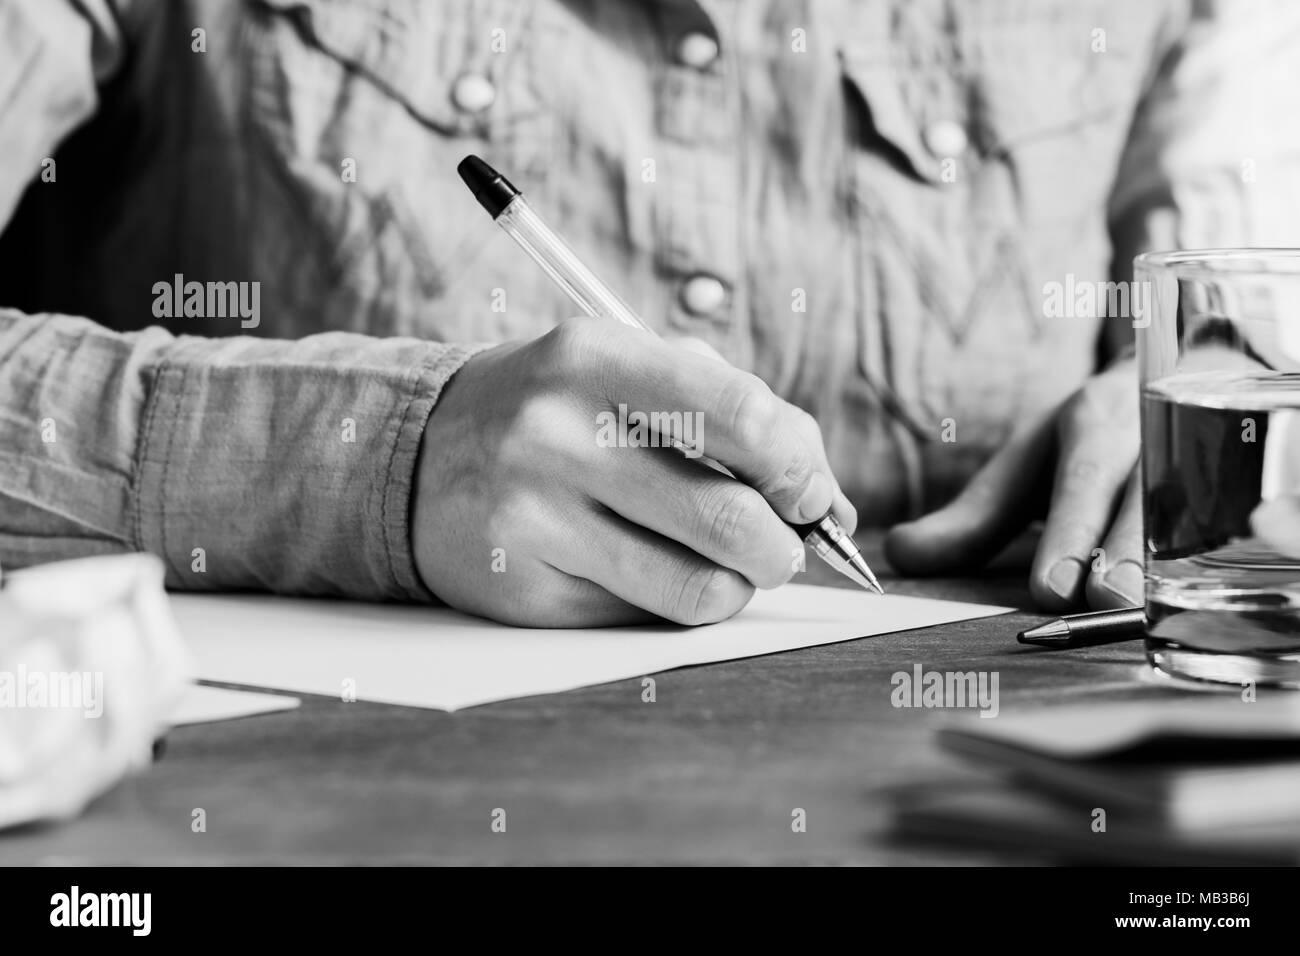 L'homme est écrit sur une feuille de papier blanc dans un milieu de travail. Le concept d'une œuvre et de l'éducation. La photographie en noir et blanc. Banque D'Images